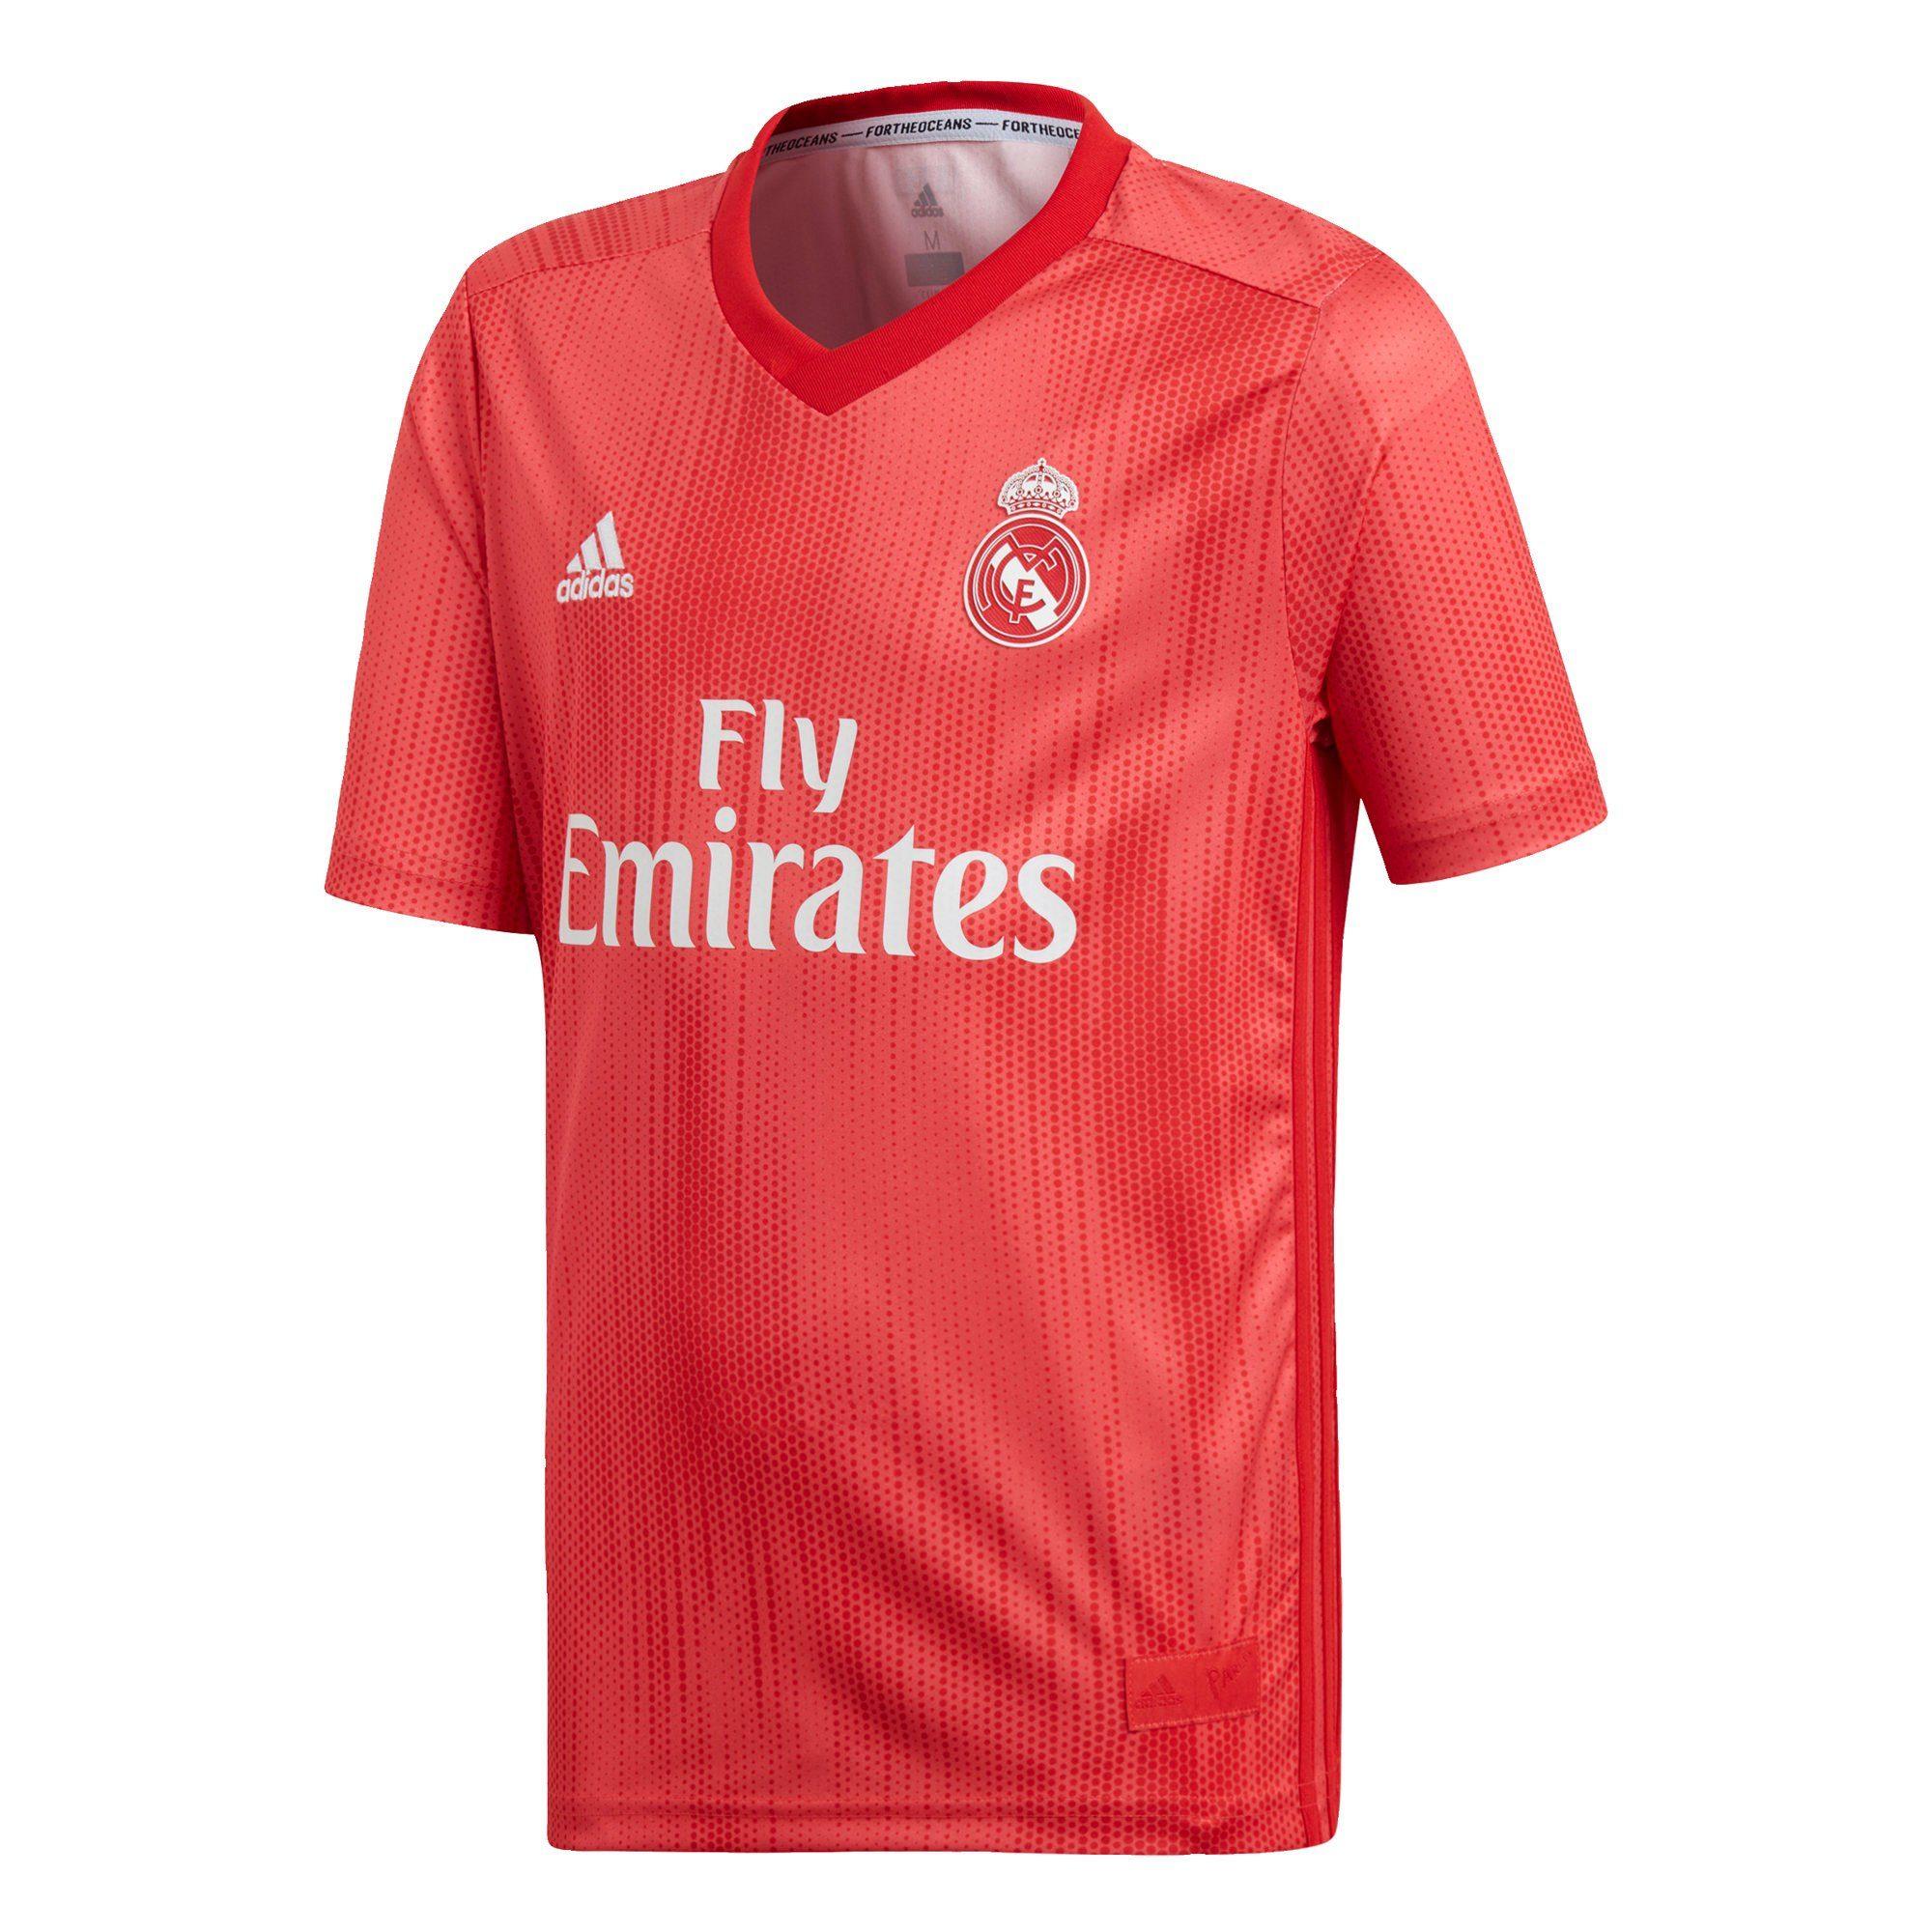 adidas Performance Fußballtrikot »Real Madrid Ausweichtrikot« Parley online kaufen | OTTO